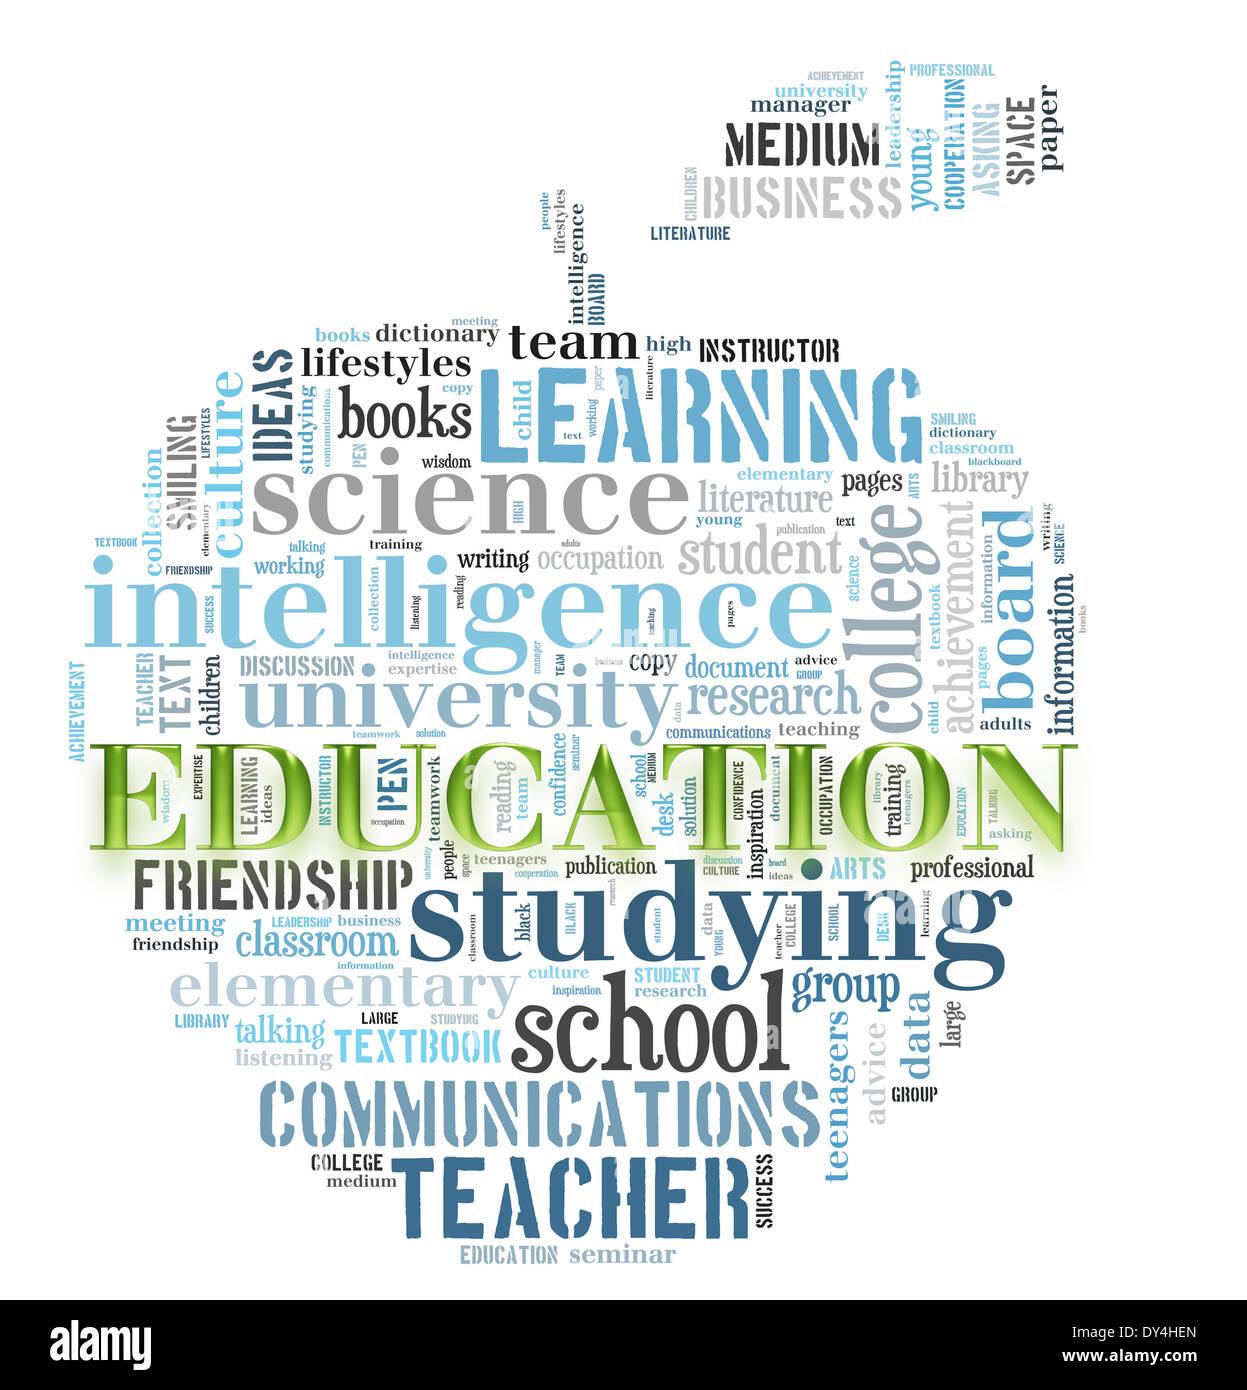 La educación palabra nube apple imagen concepto forma Imagen De Stock